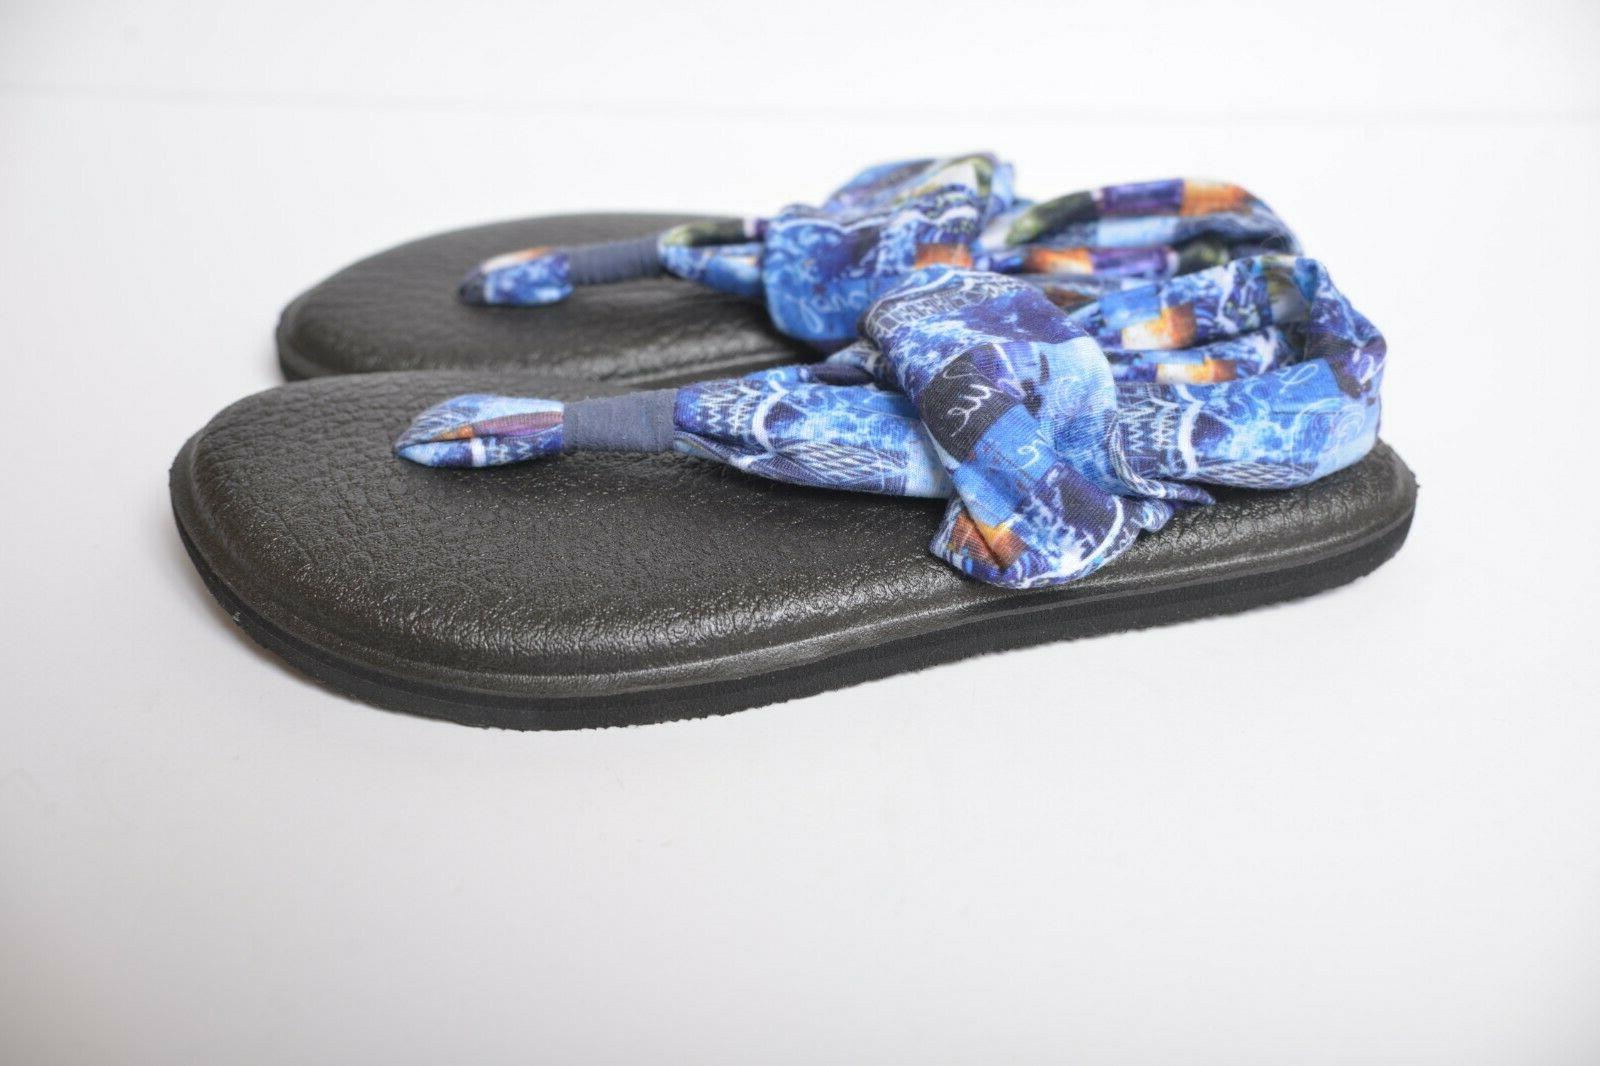 Sanuk Sling Blue Mat Flip Flop Thong Women's 5